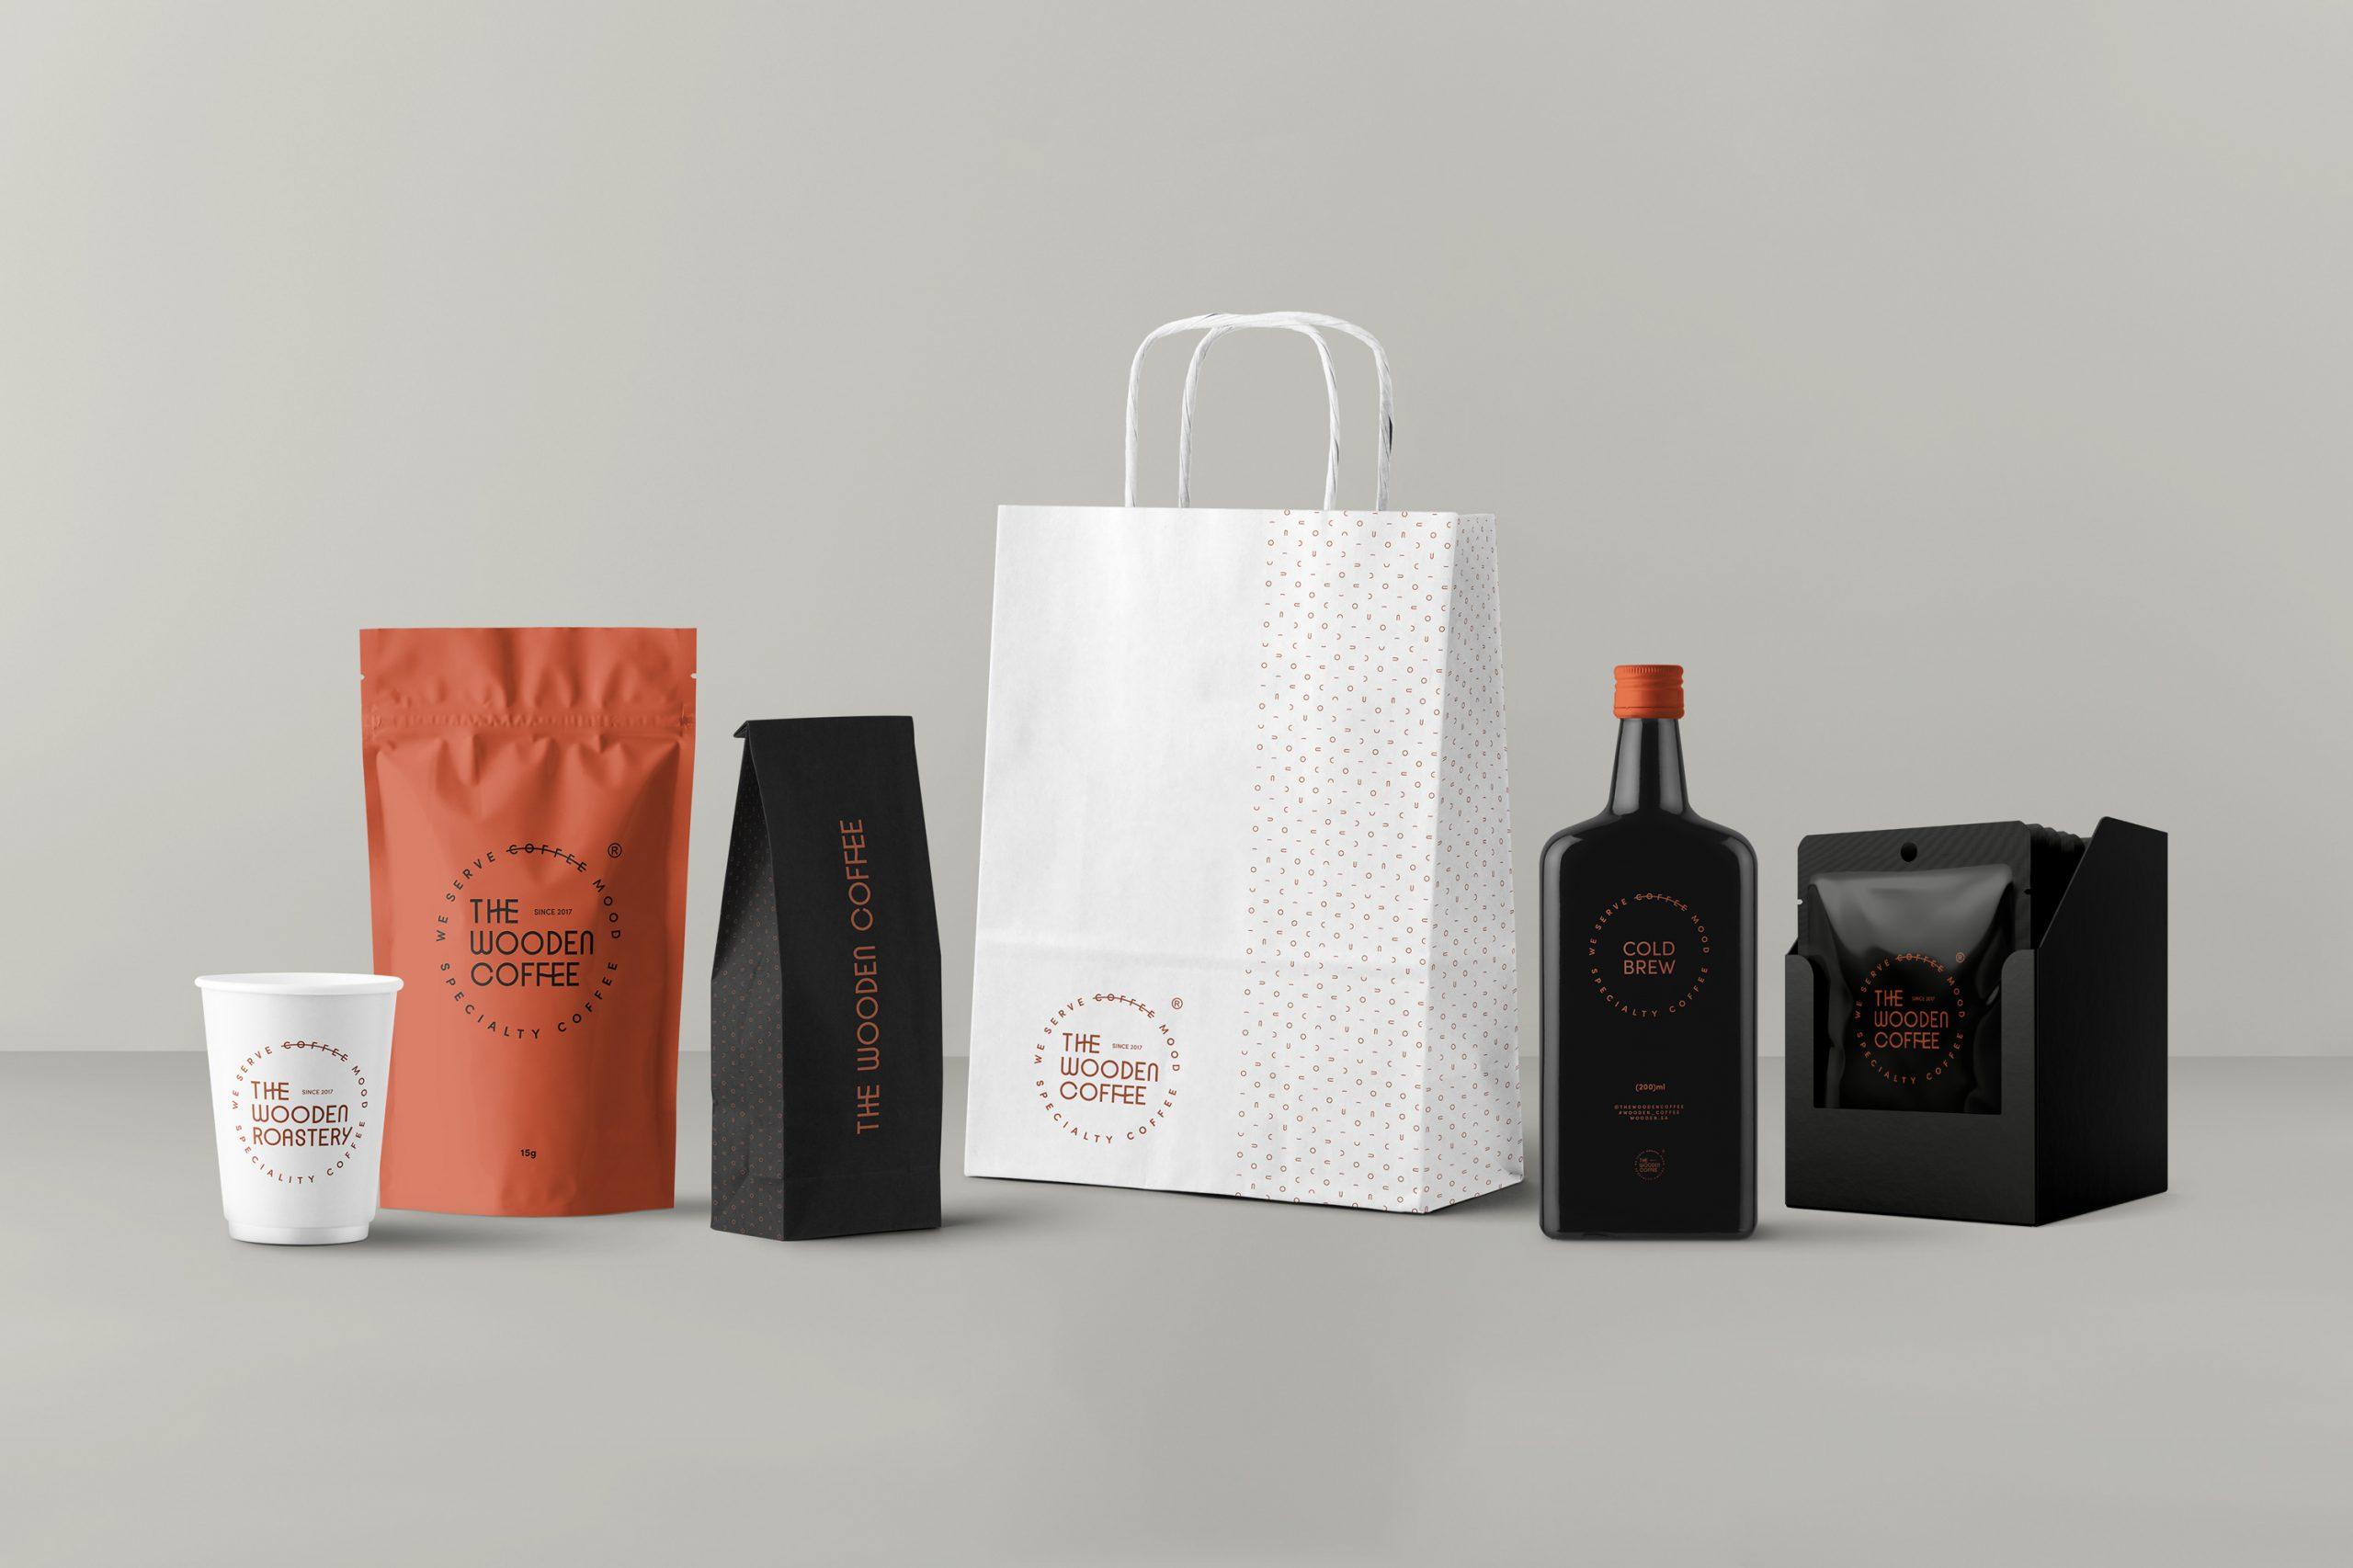 Packaging-Wooden-Coffee-Work-by-YaStudio-01